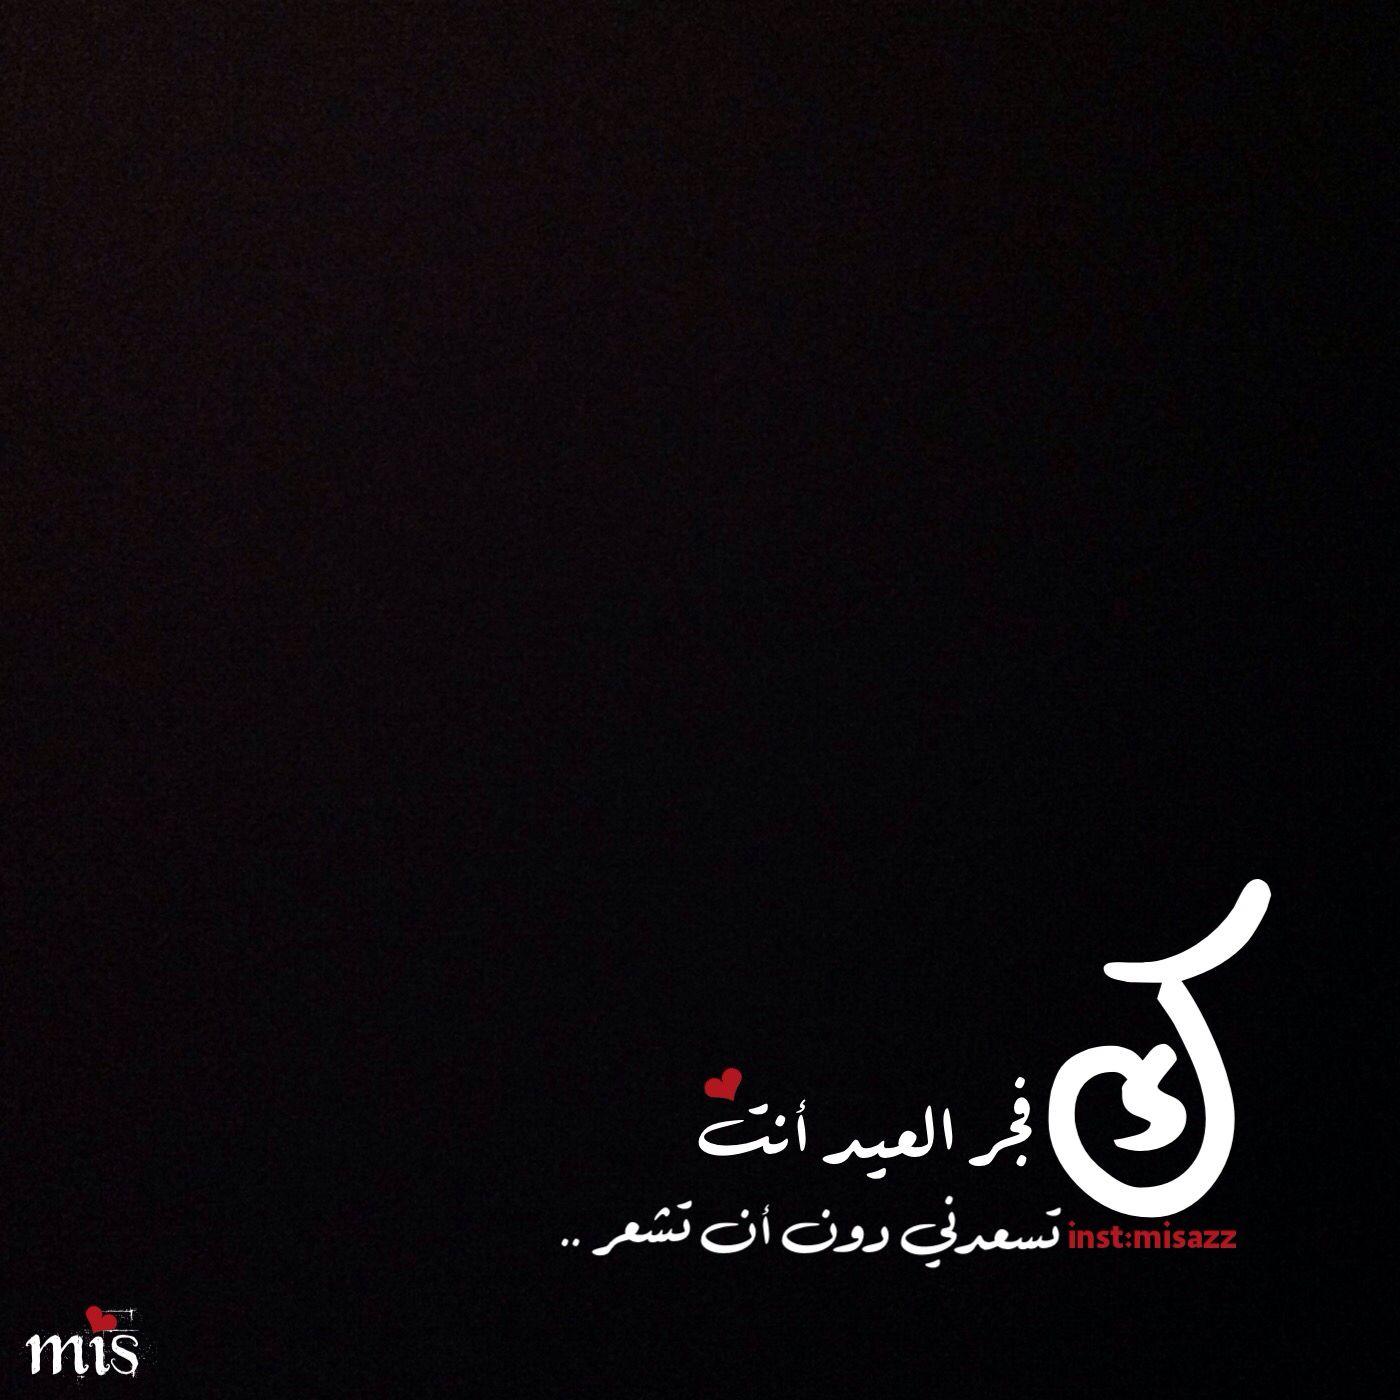 ك فجر العيد انت حب Words Quotes Quotations Words